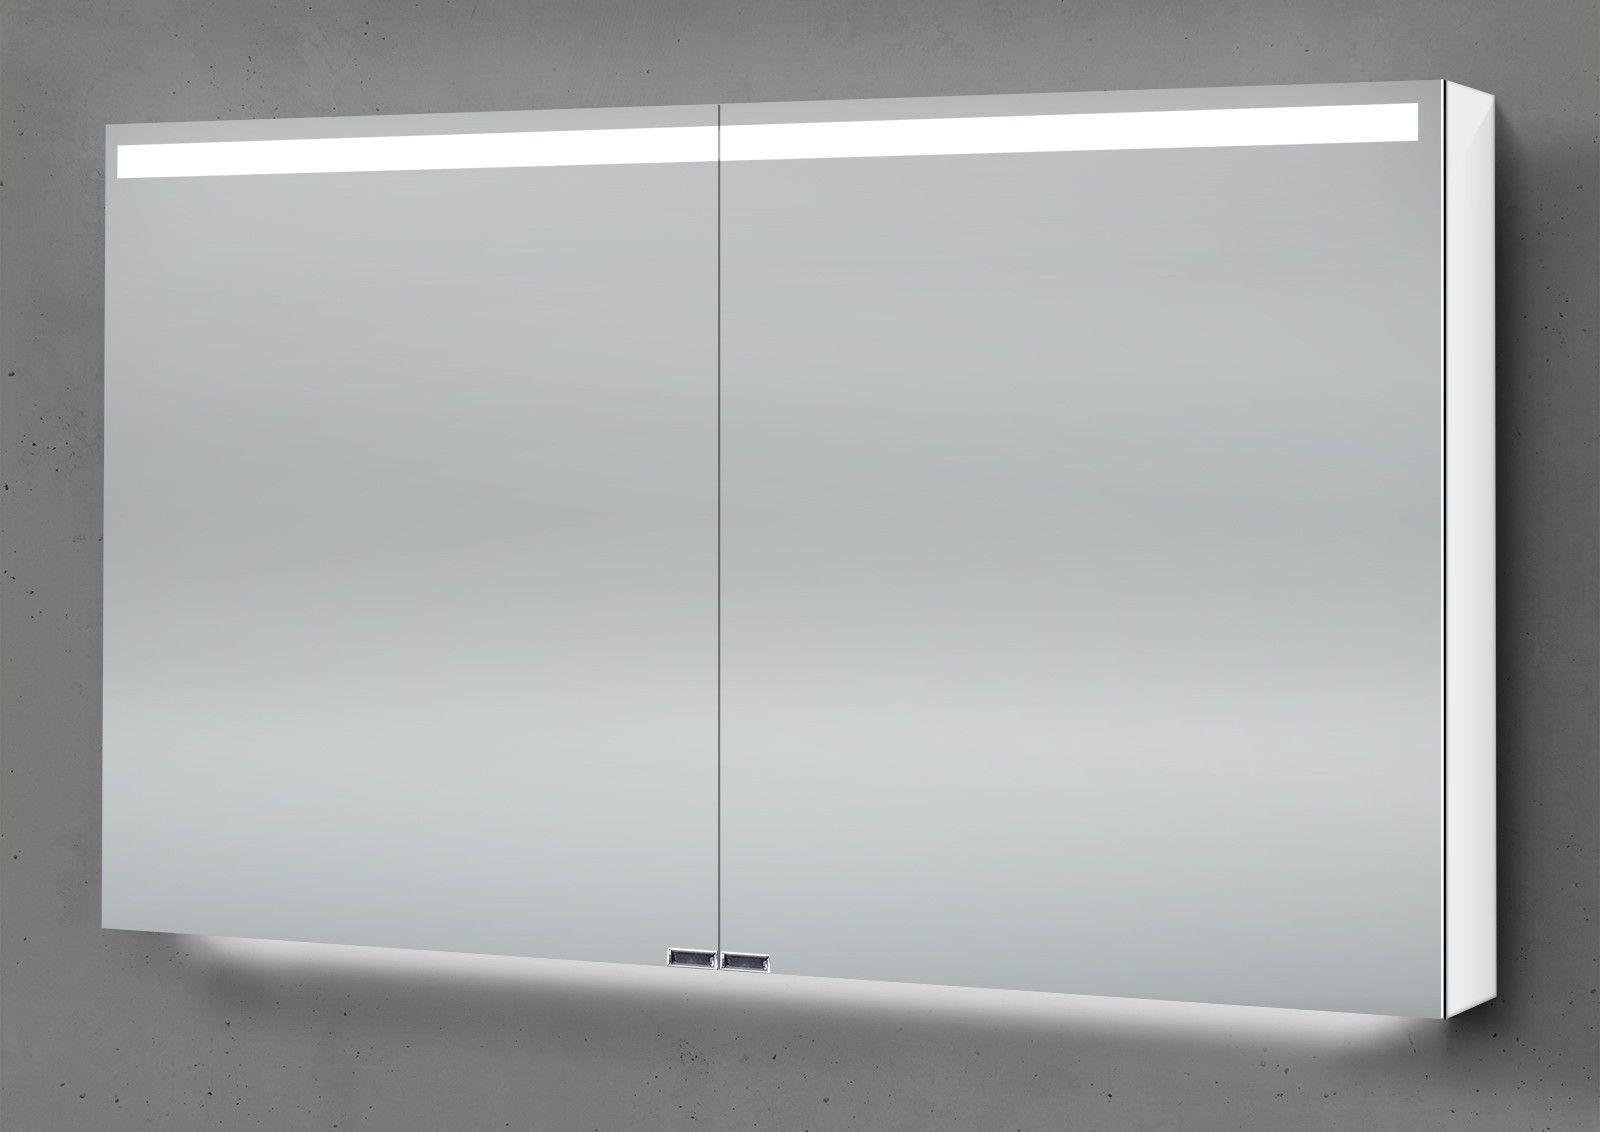 Spiegelschrank 120 Cm Integrierte Led Beleuchtung Doppelt